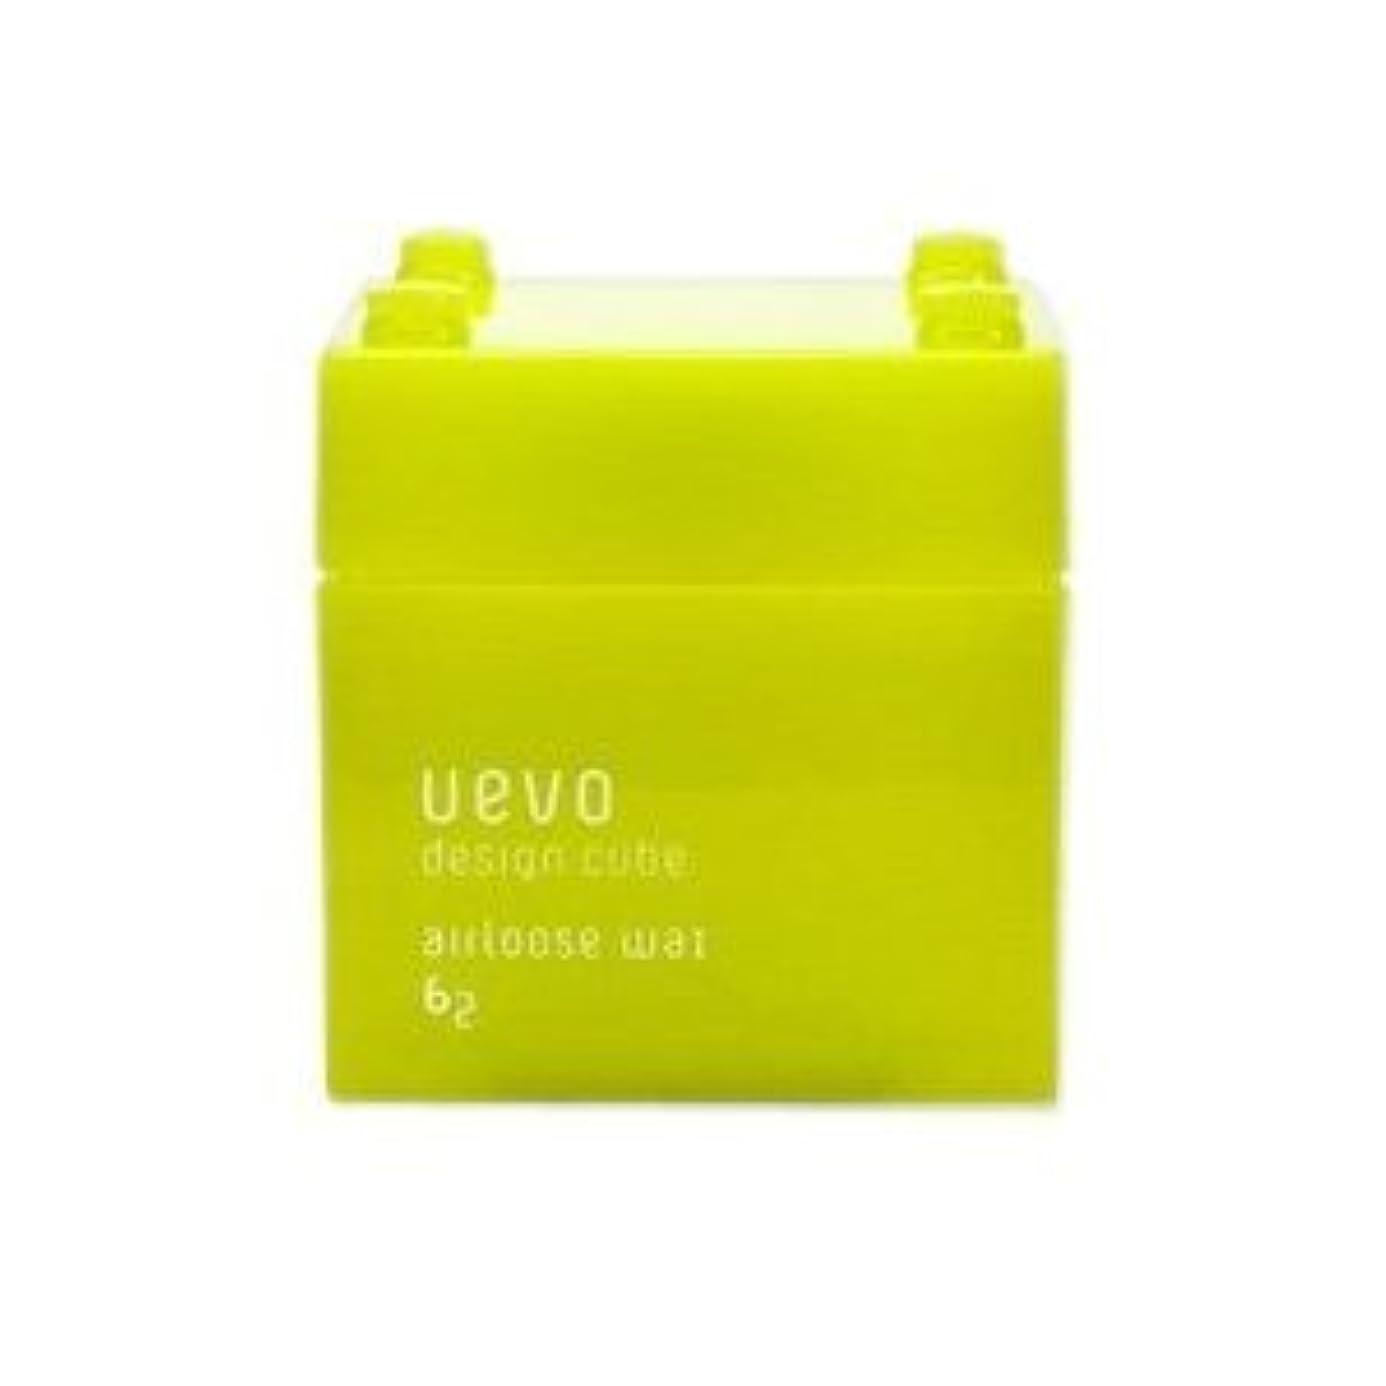 徴収インフルエンザ助けになる【X2個セット】 デミ ウェーボ デザインキューブ エアルーズワックス 80g airloose wax DEMI uevo design cube